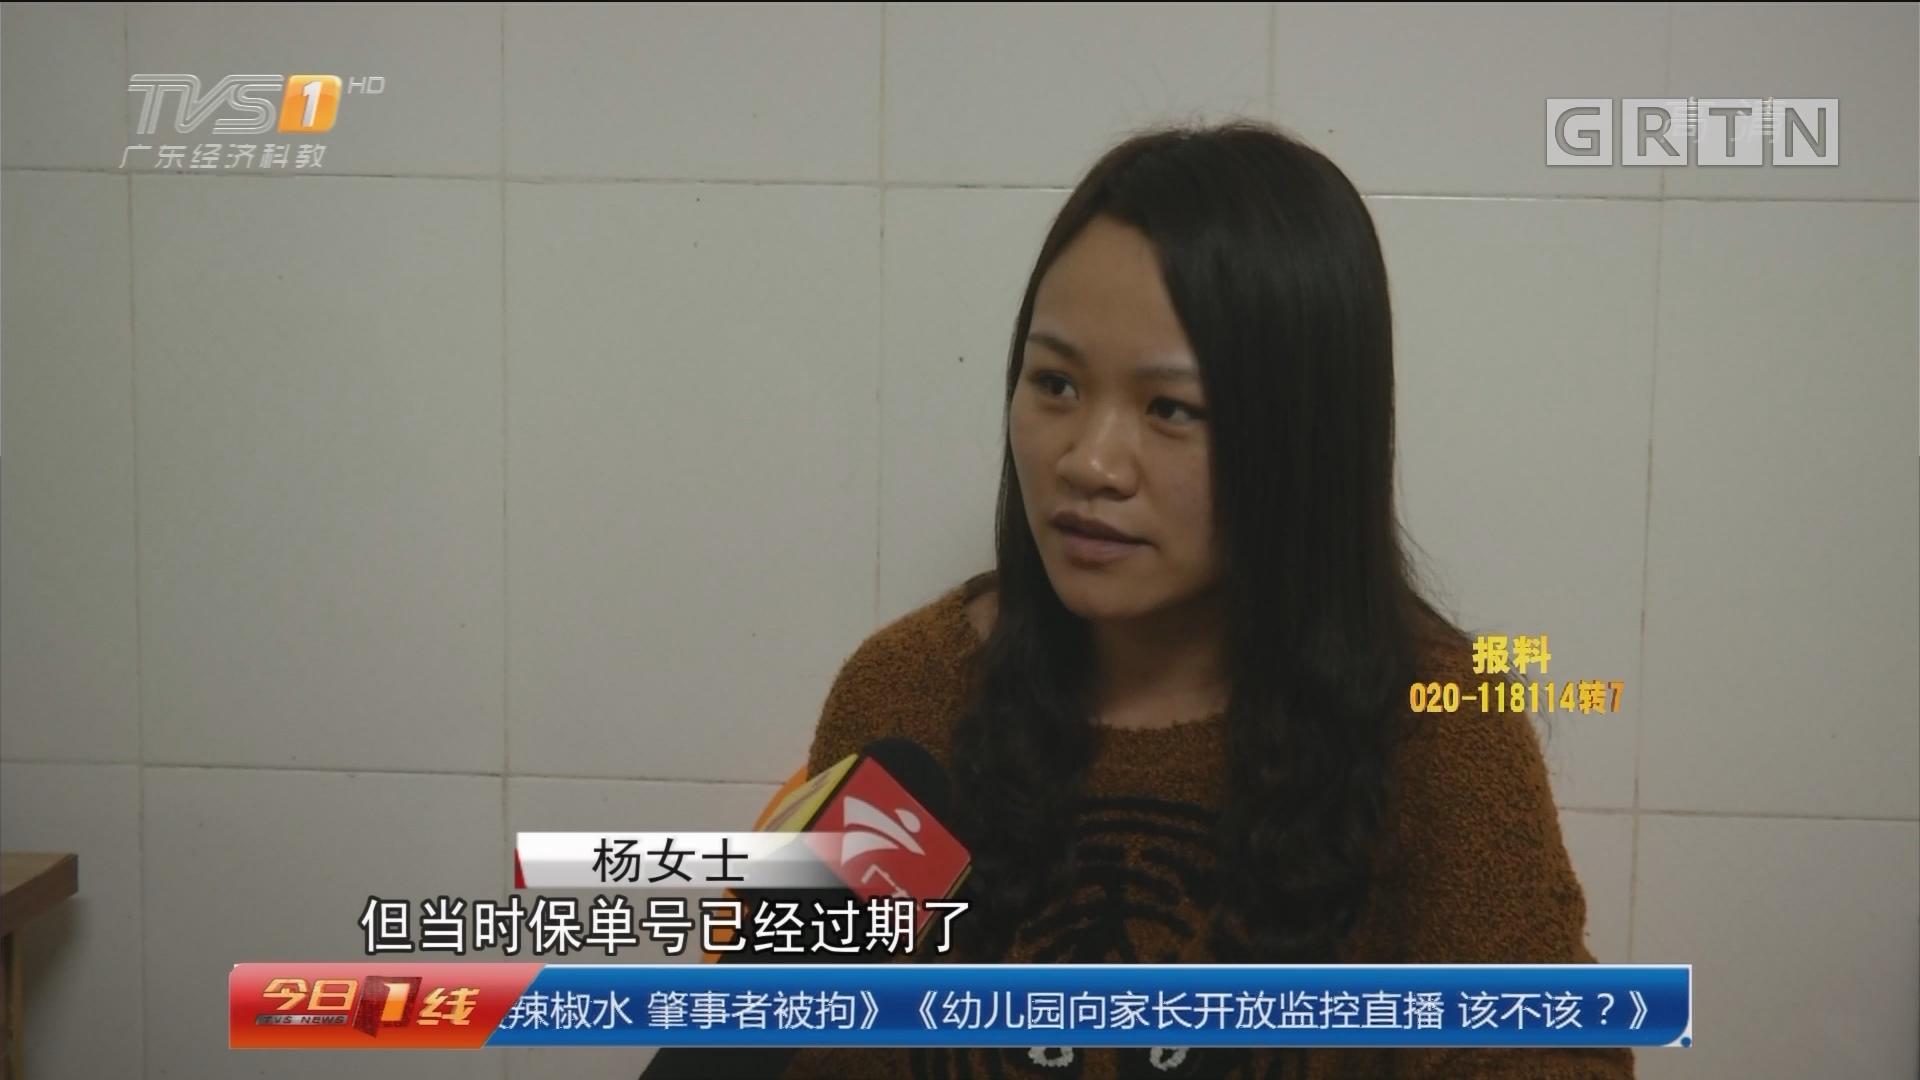 家居安全提醒:东莞 电热水龙头爆裂 女子被二级烫伤